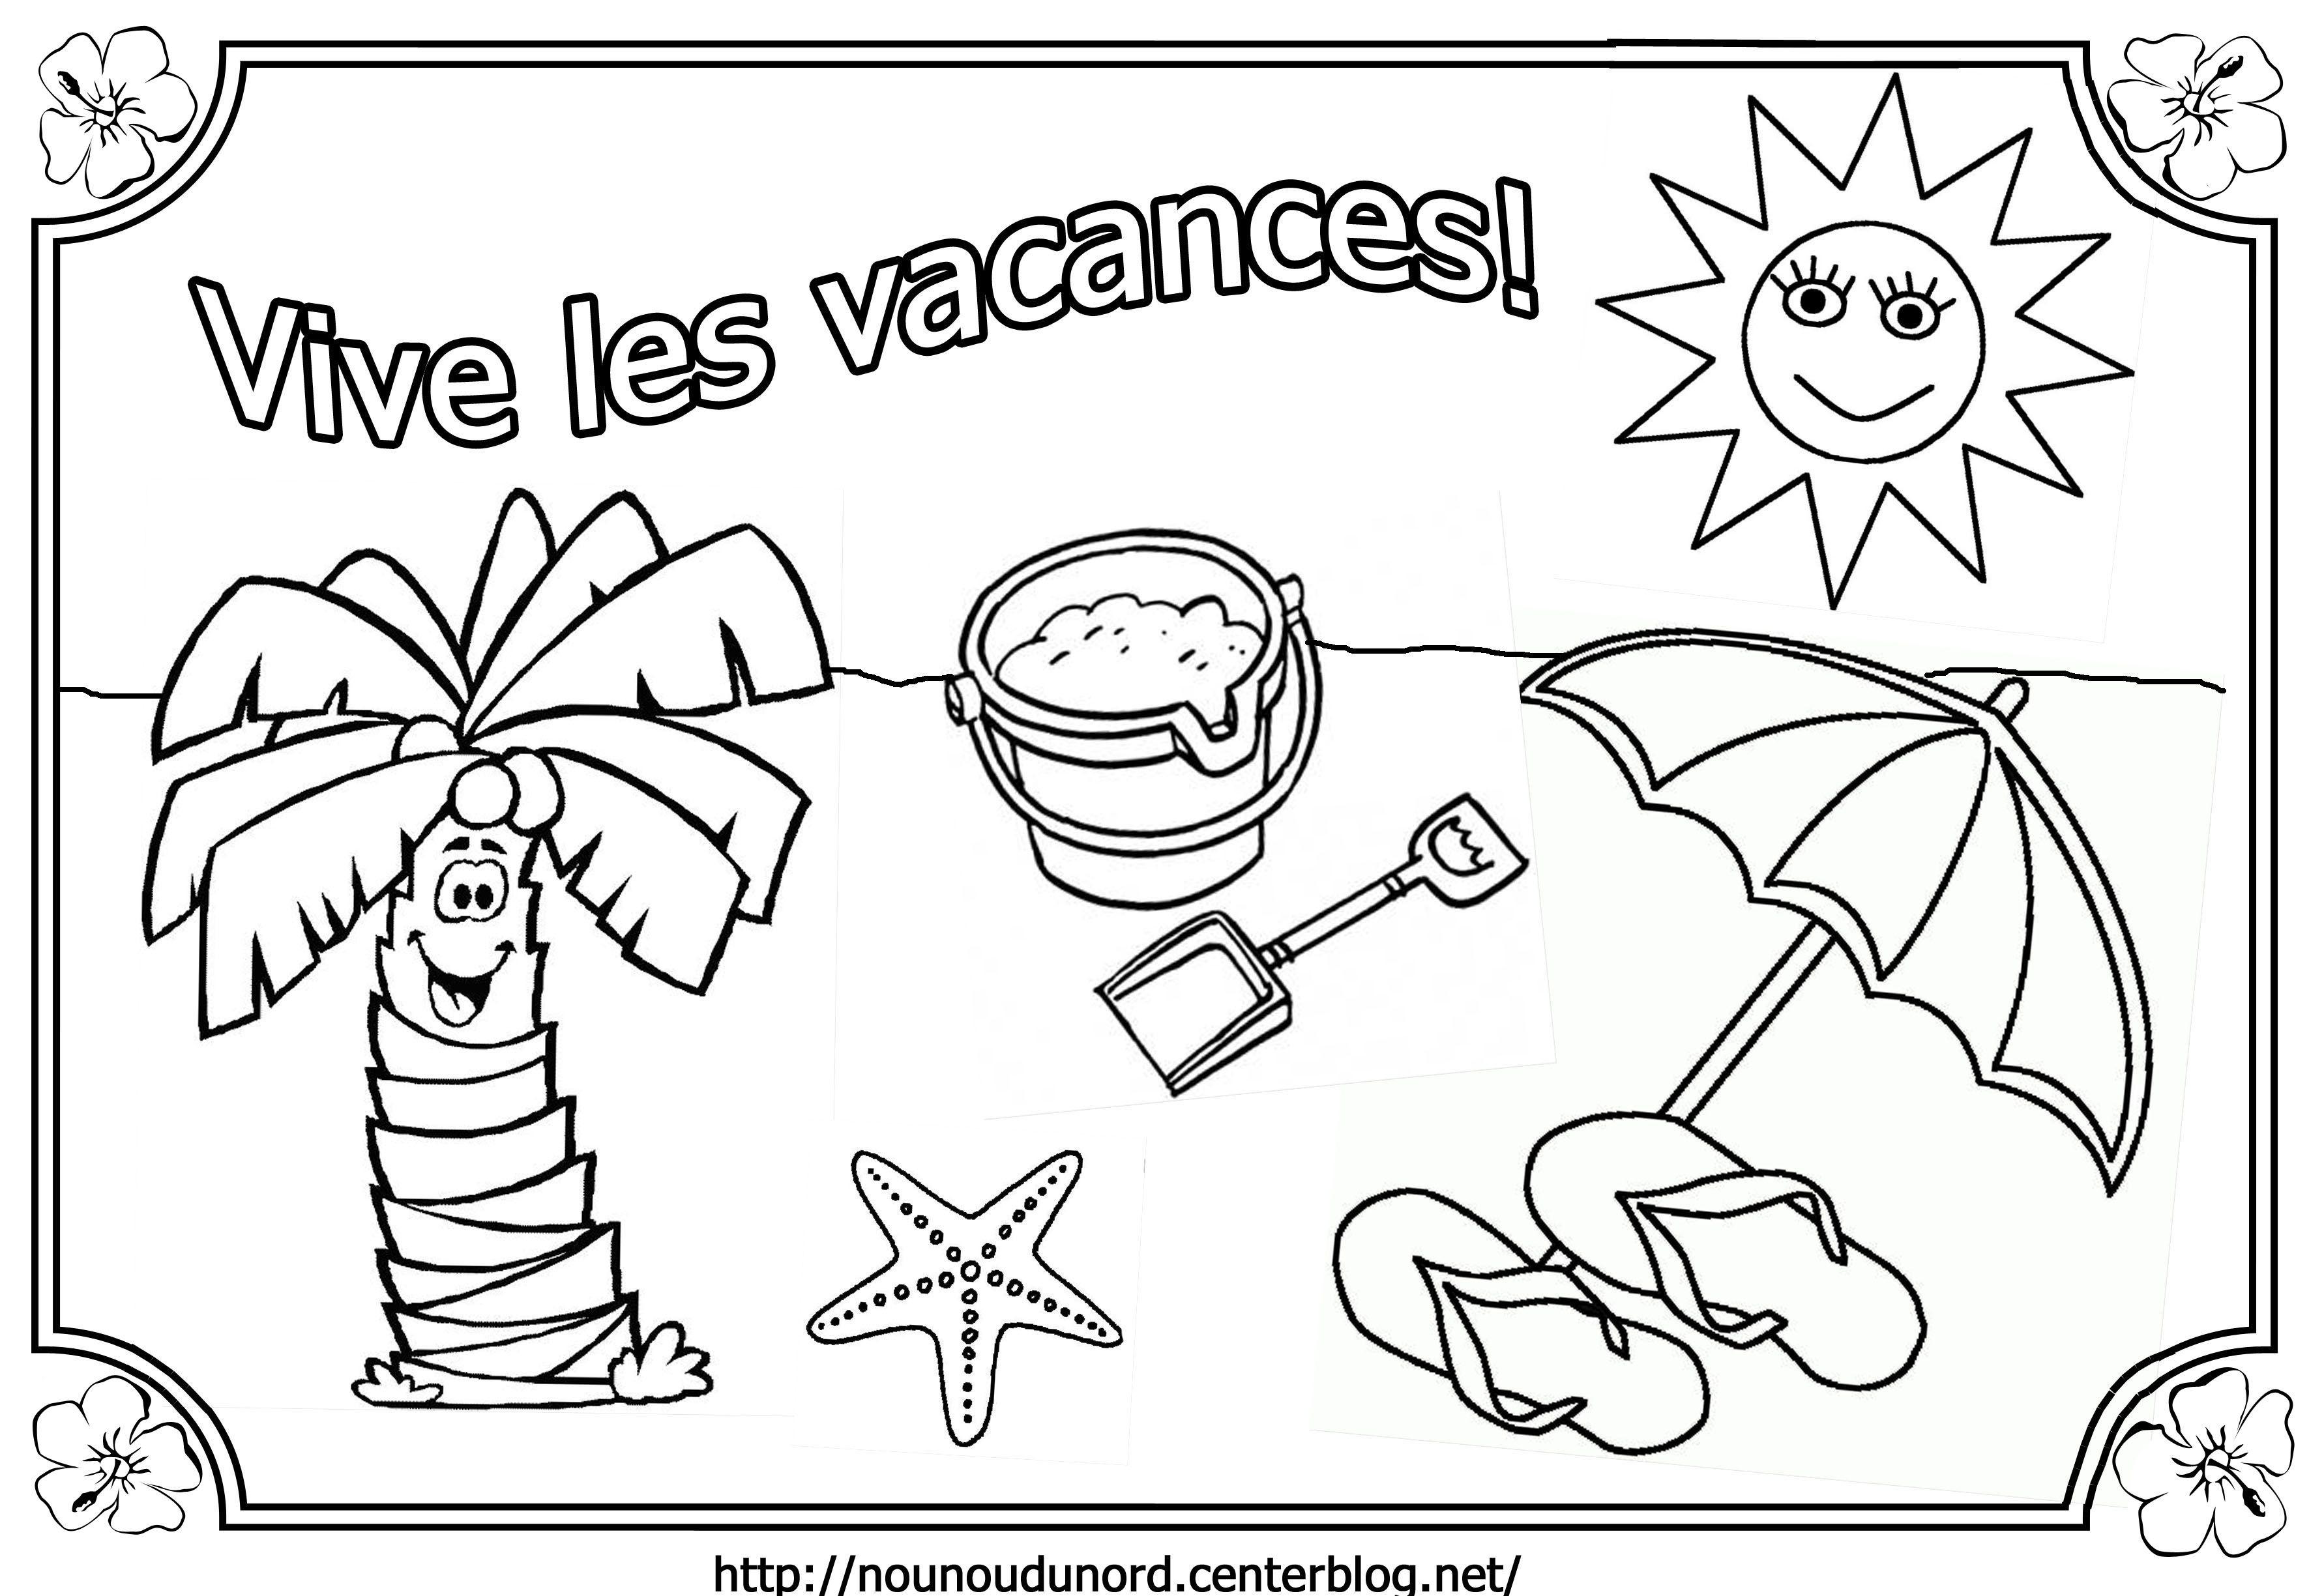 Coloriage Vive Les Vacances concernant Poésie Vive Les Vacances